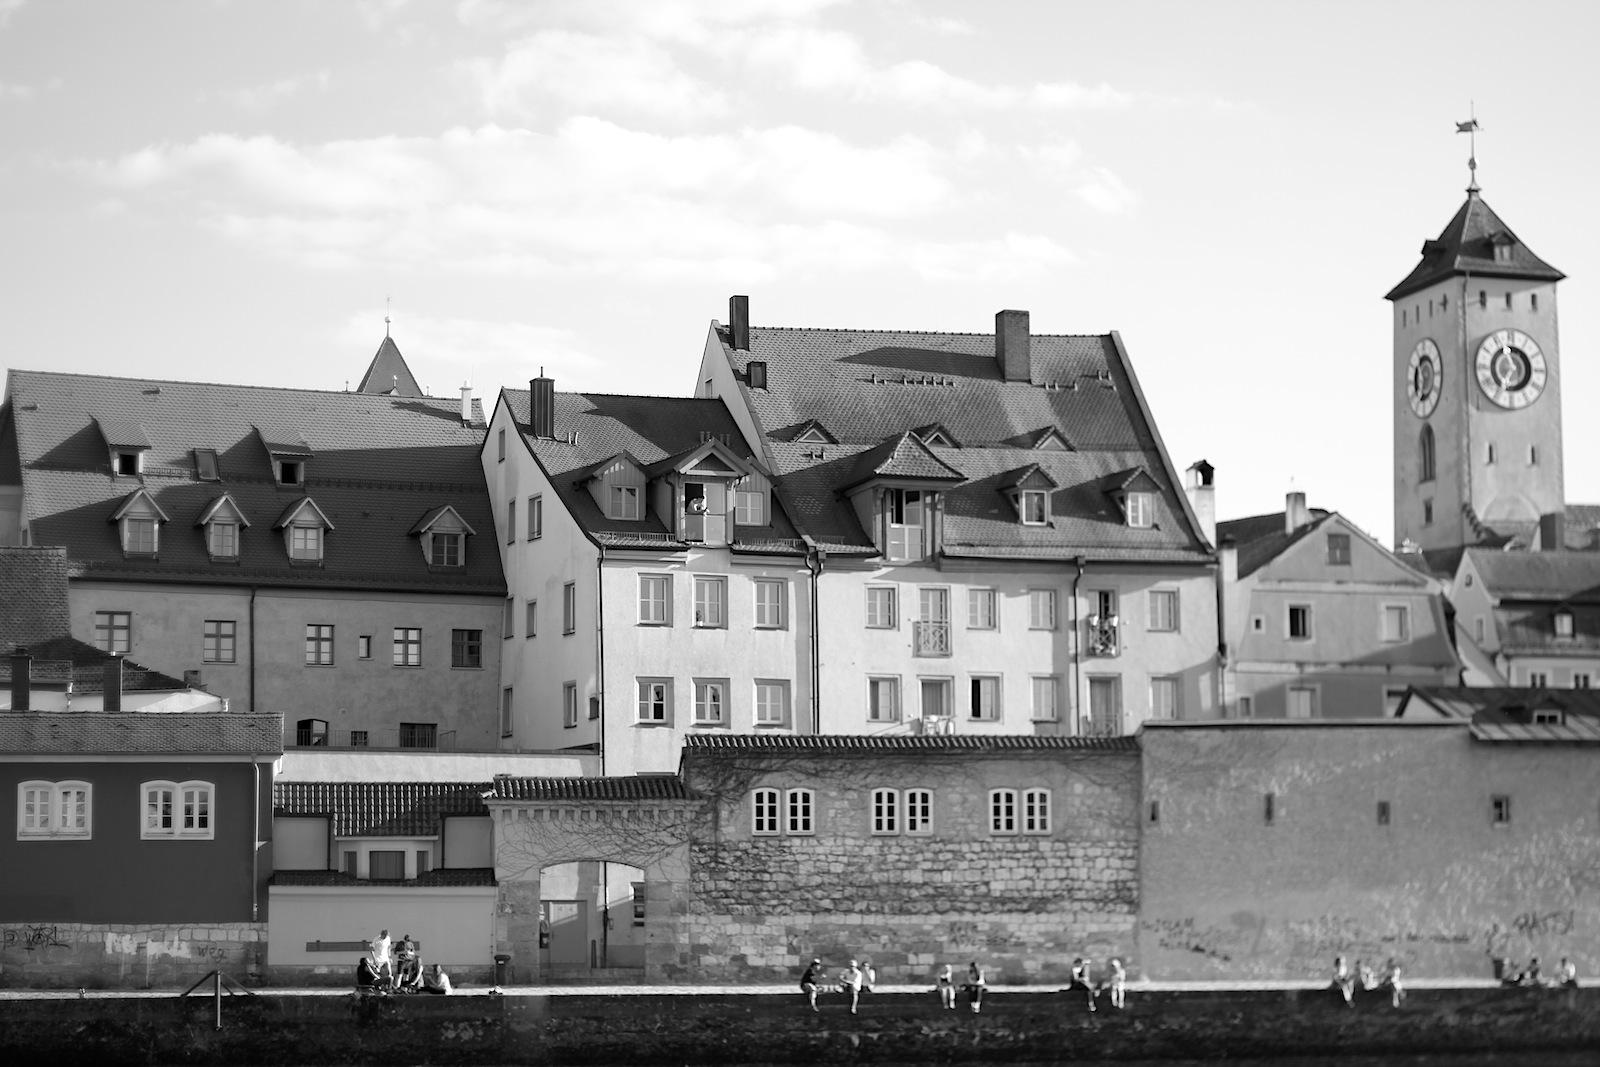 Blick. auf die Mittlere Altstadt mit dem, was man an Sonnentagen an der Uferkante macht: die Seele (und Beine baumeln) lassen.